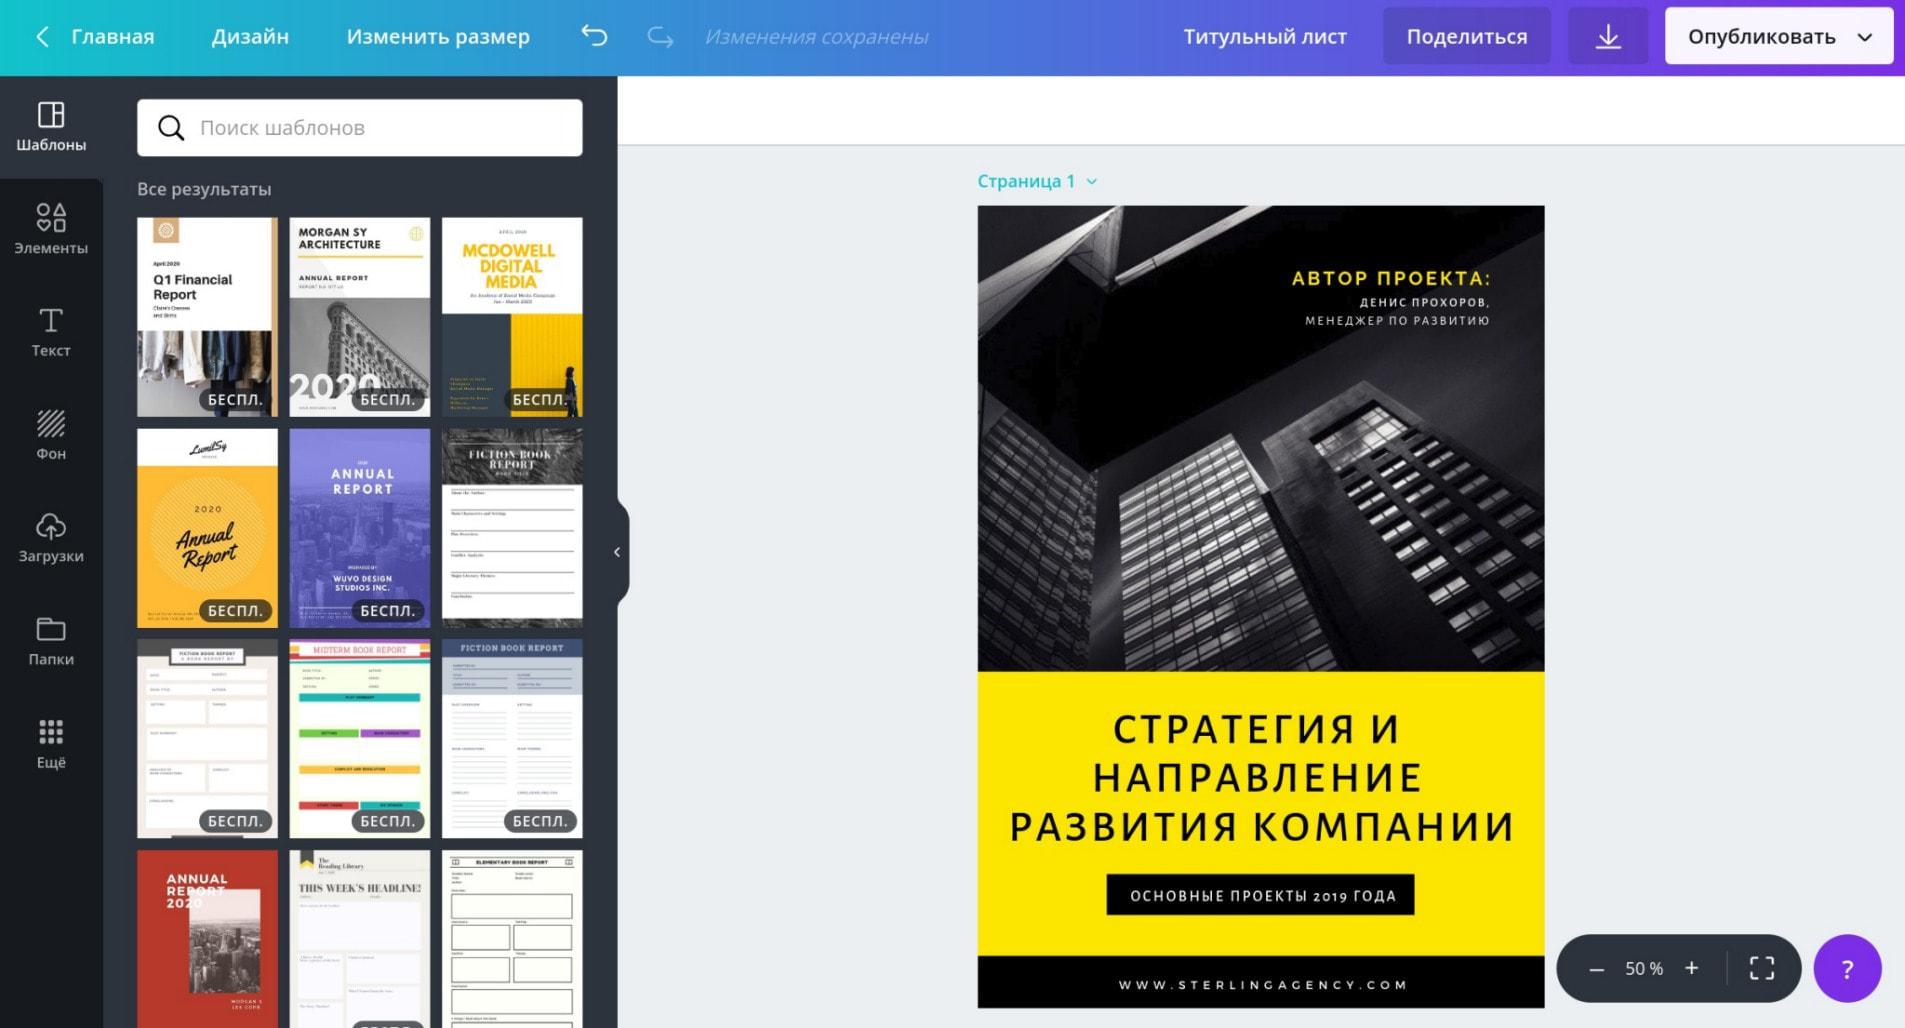 Создание титульного листа в онлайн-редакторе Canva на русском языке